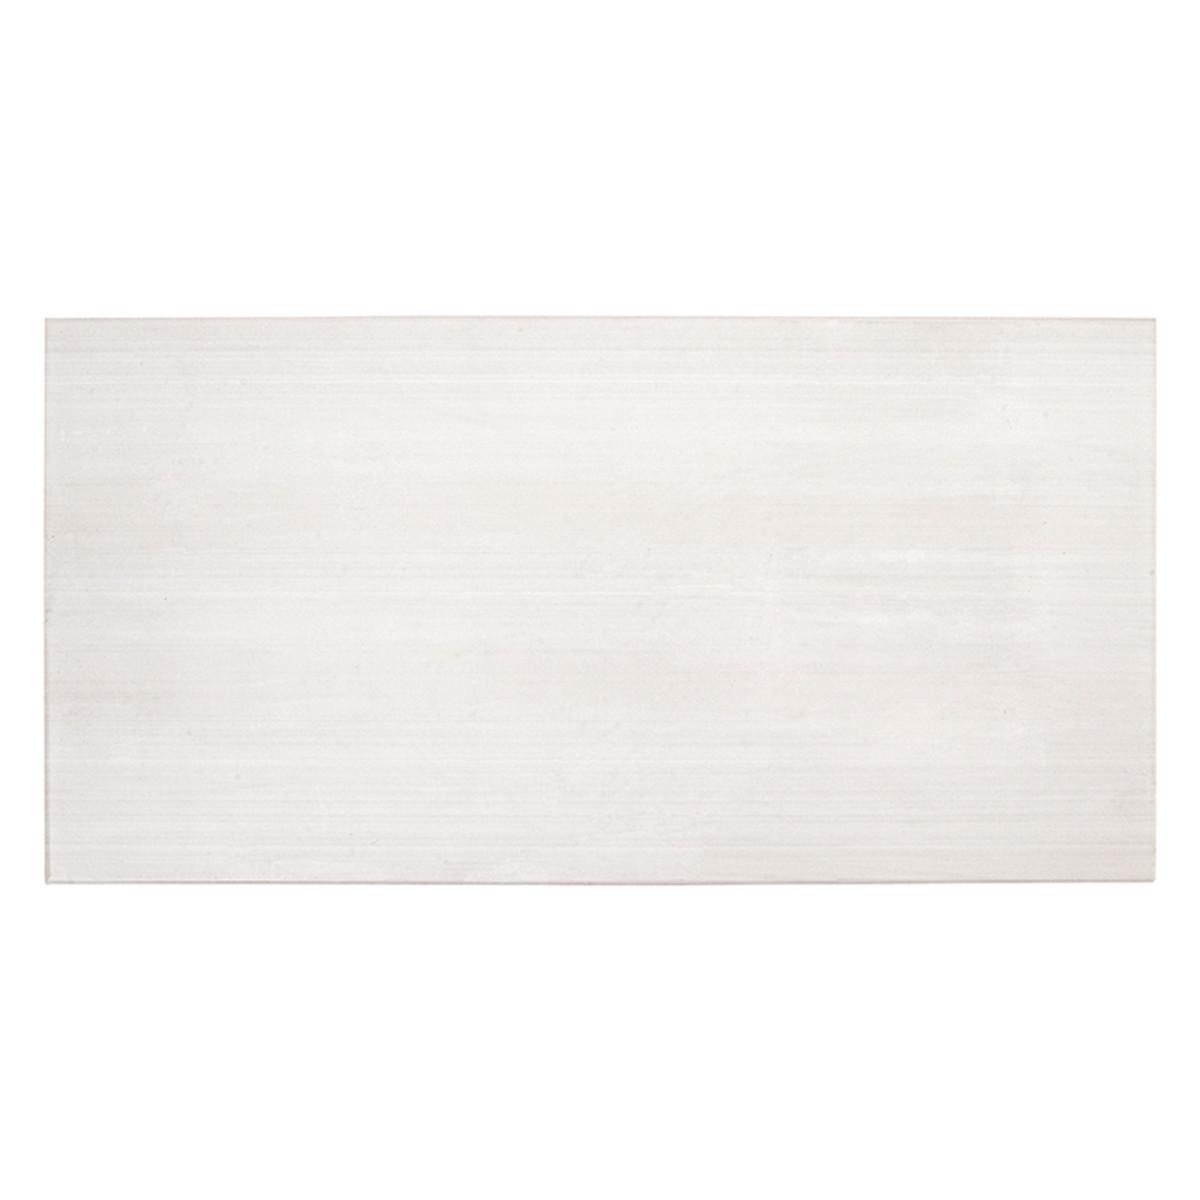 Плитка настенная Этюд цвет серый 20х40 см 128 м2